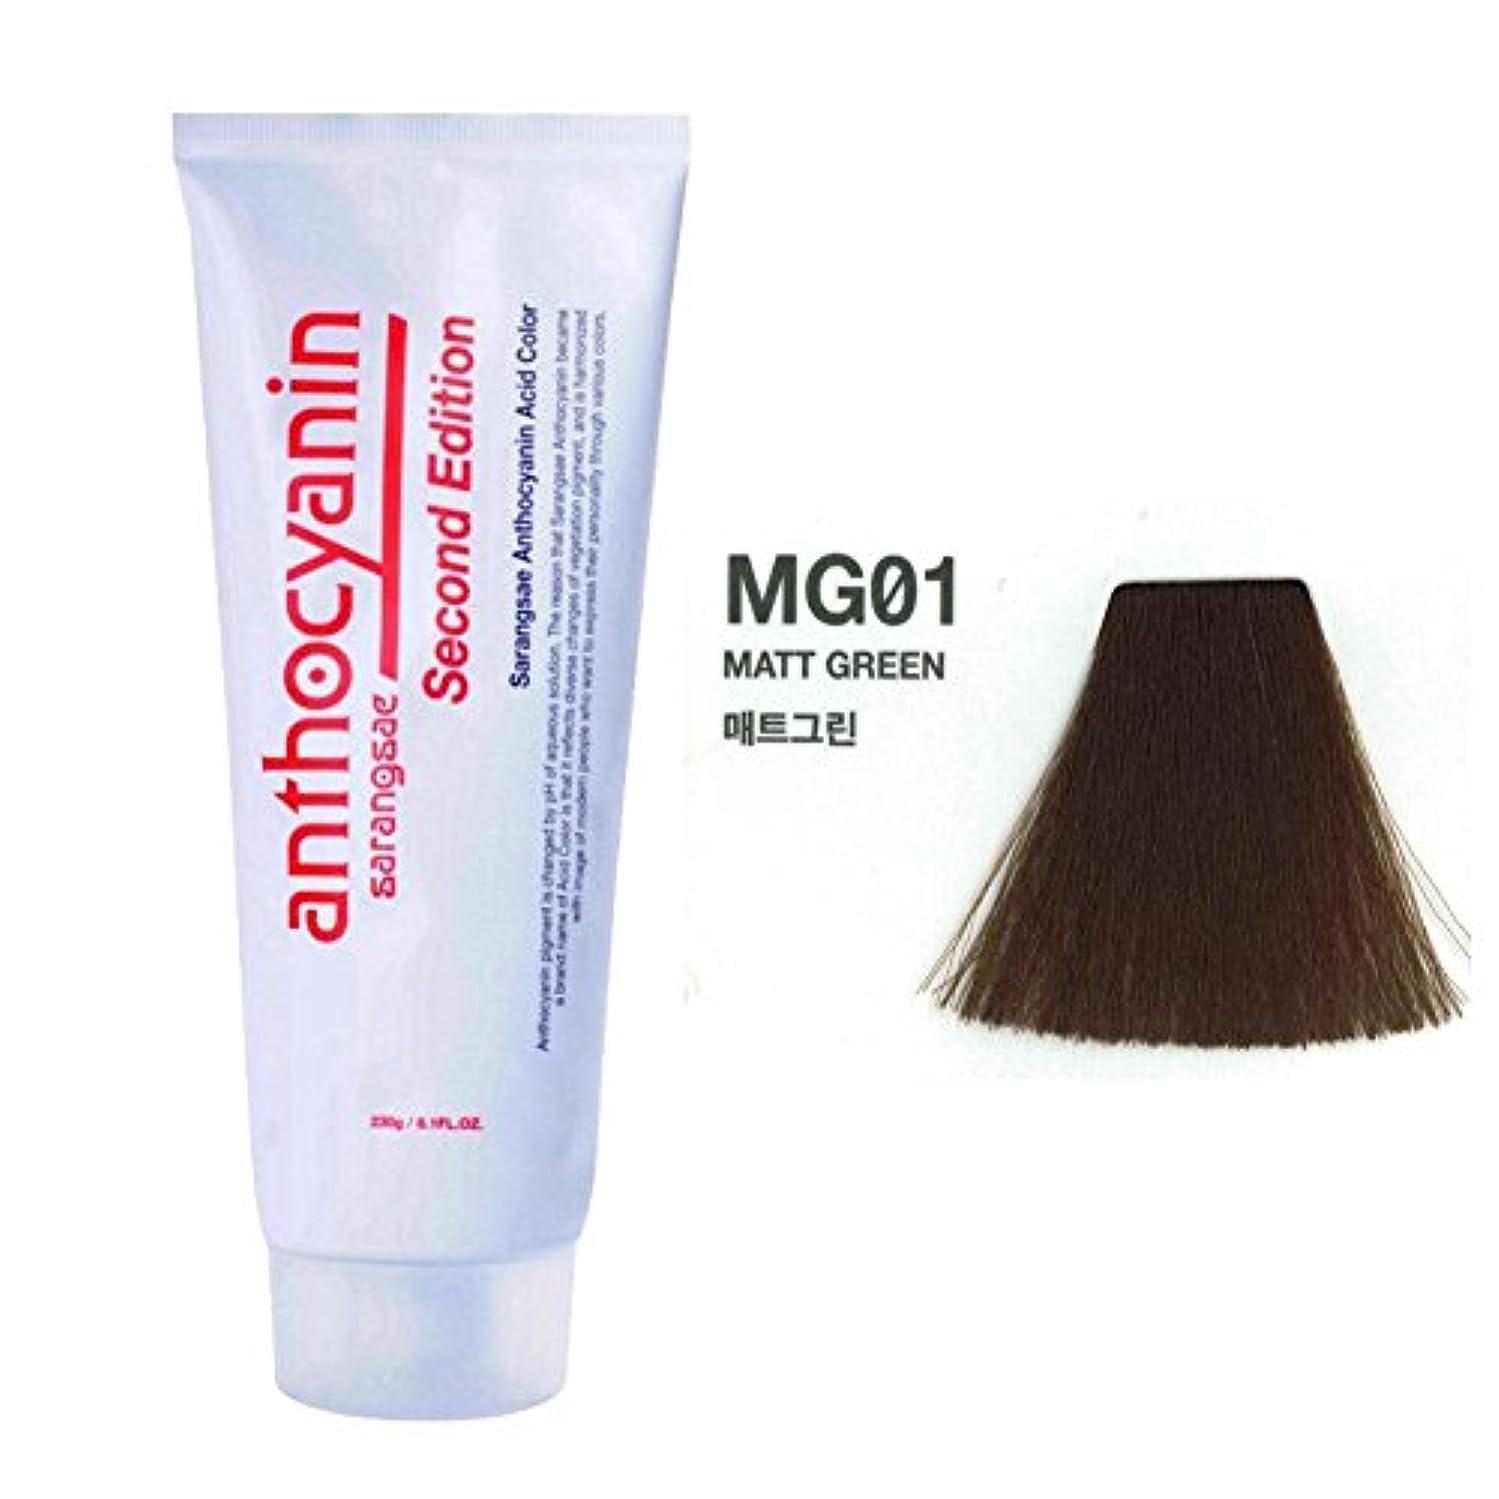 枠神の誘発するヘア マニキュア カラー セカンド エディション 230g セミ パーマネント 染毛剤 (Hair Manicure Color Second Edition 230g Semi Permanent Hair Dye) [並行輸入品] (MG01 Marr Green)